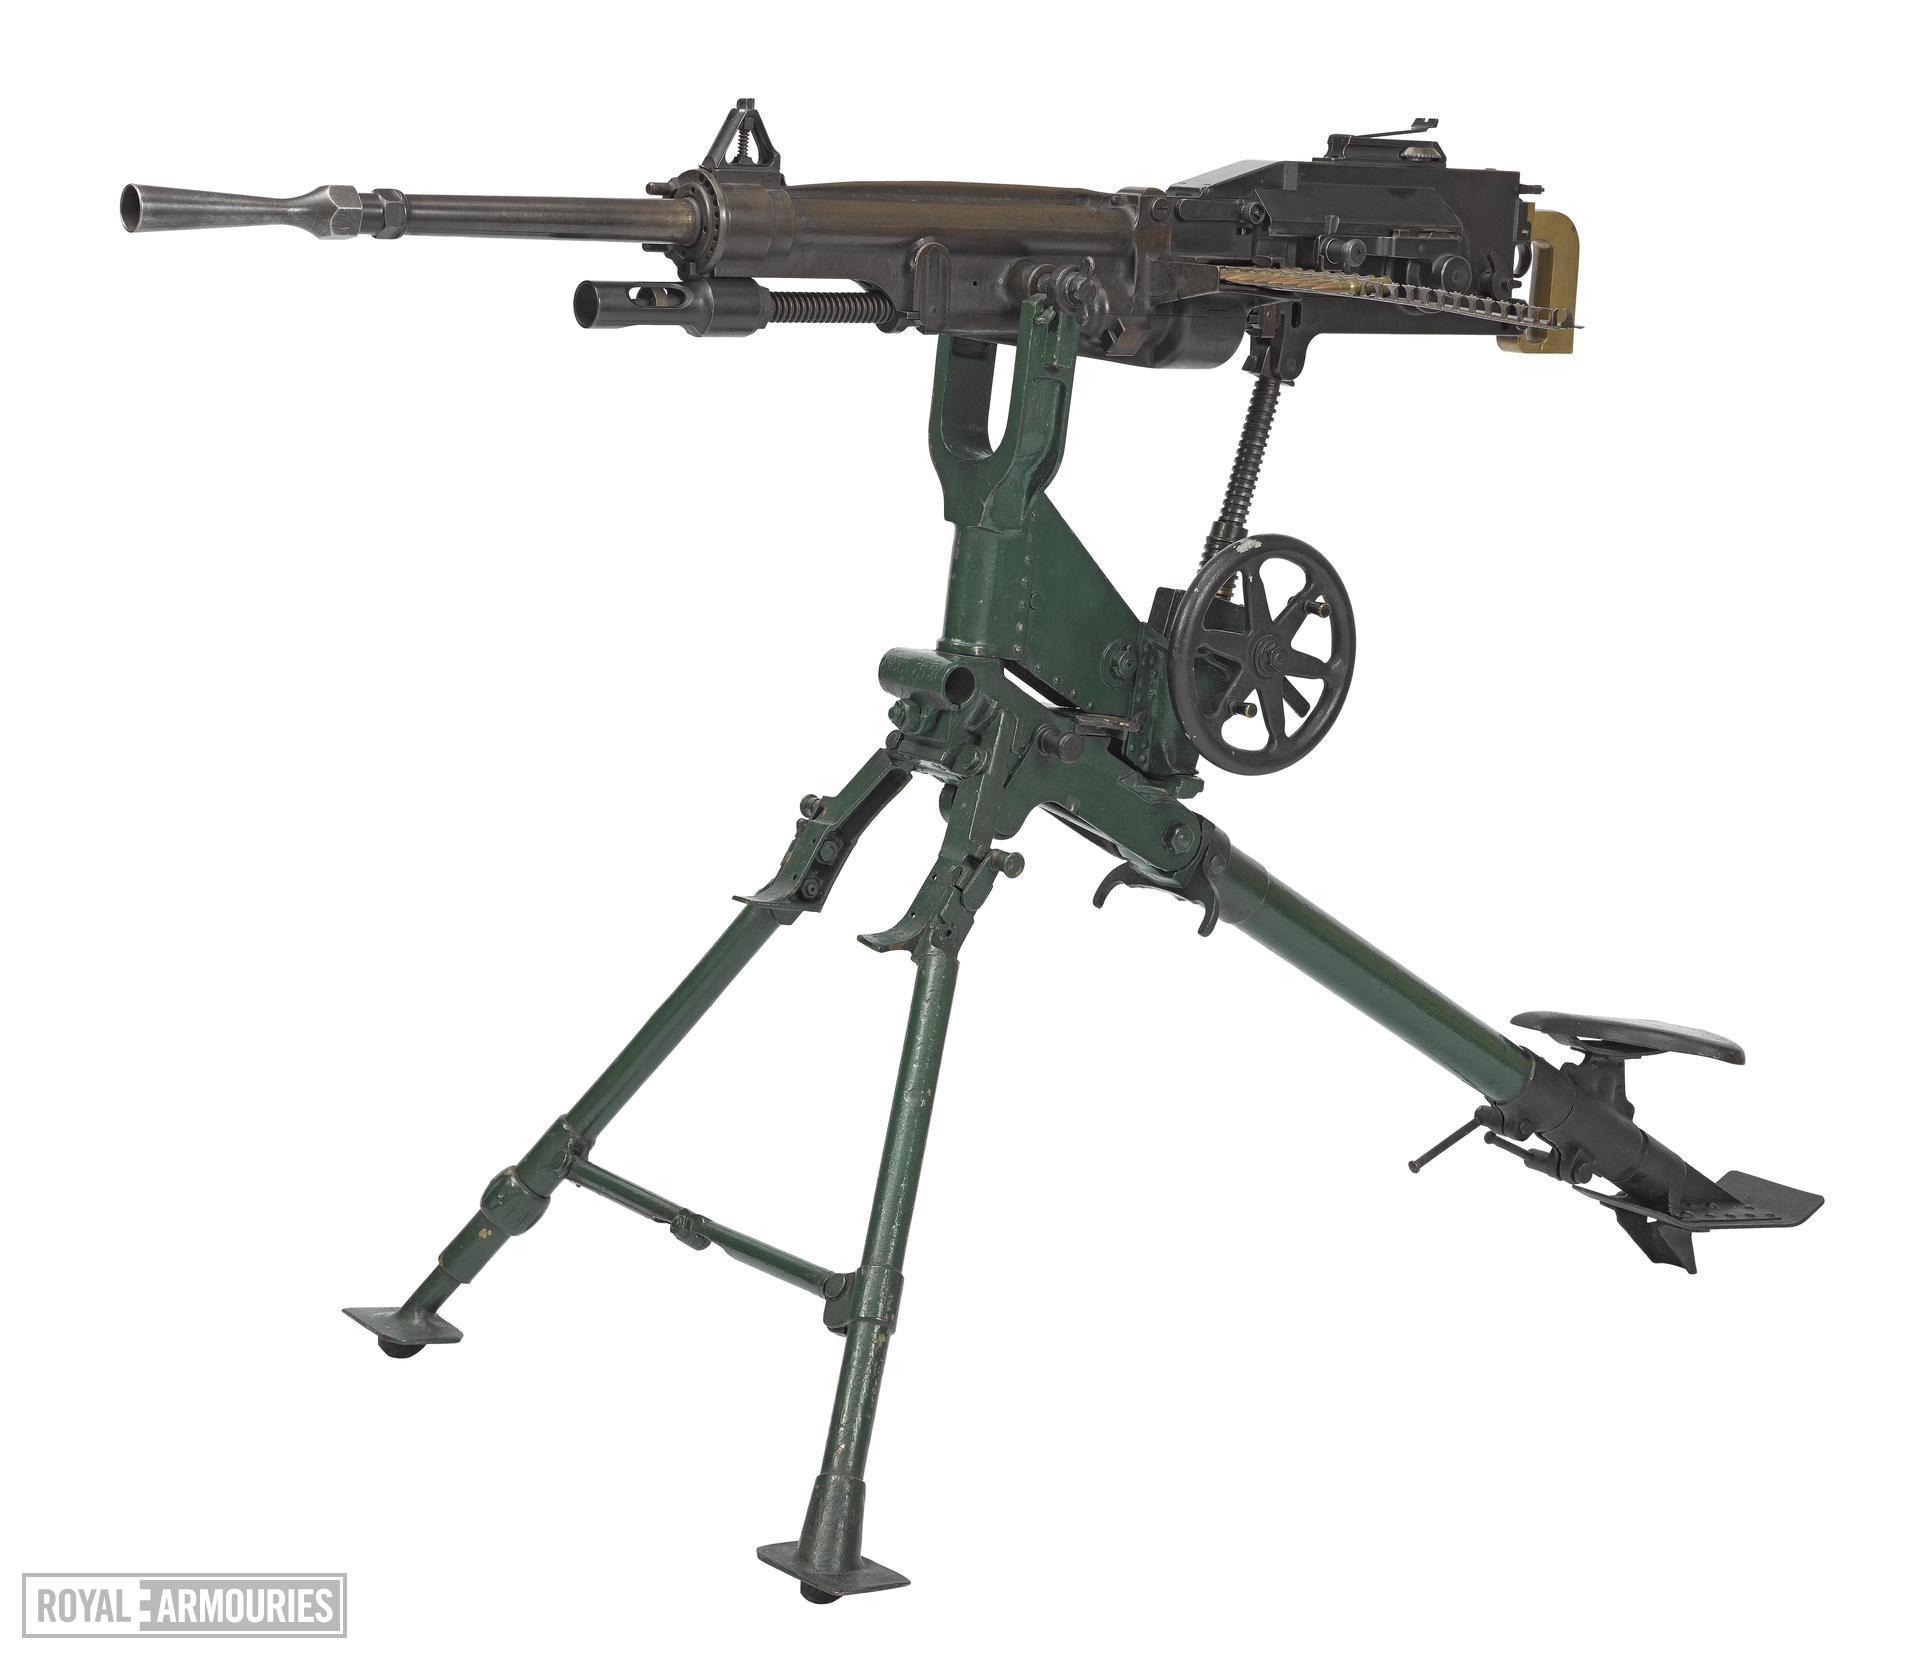 Saint Étienne Modèle 1907 machine gun - Arms of the First World War